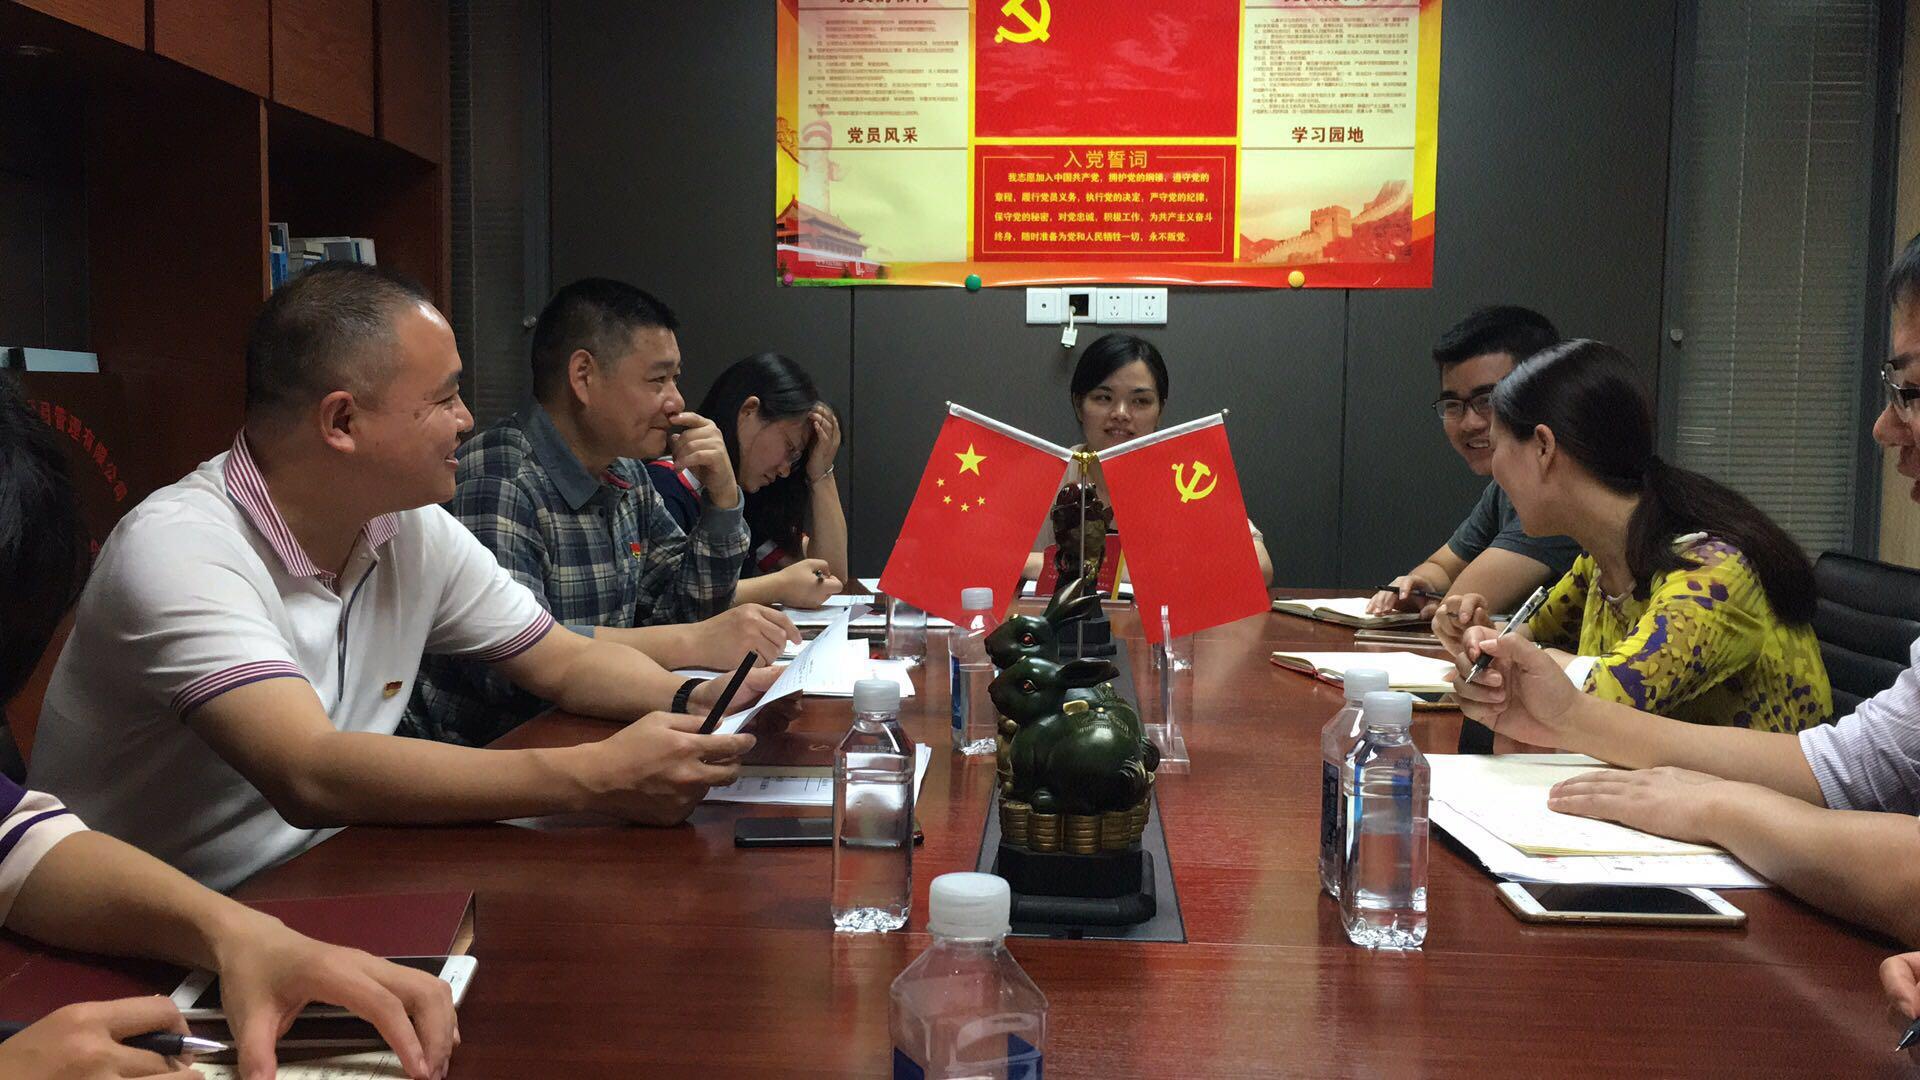 2017年,雨花區組織部龔部長蒞臨指導工作